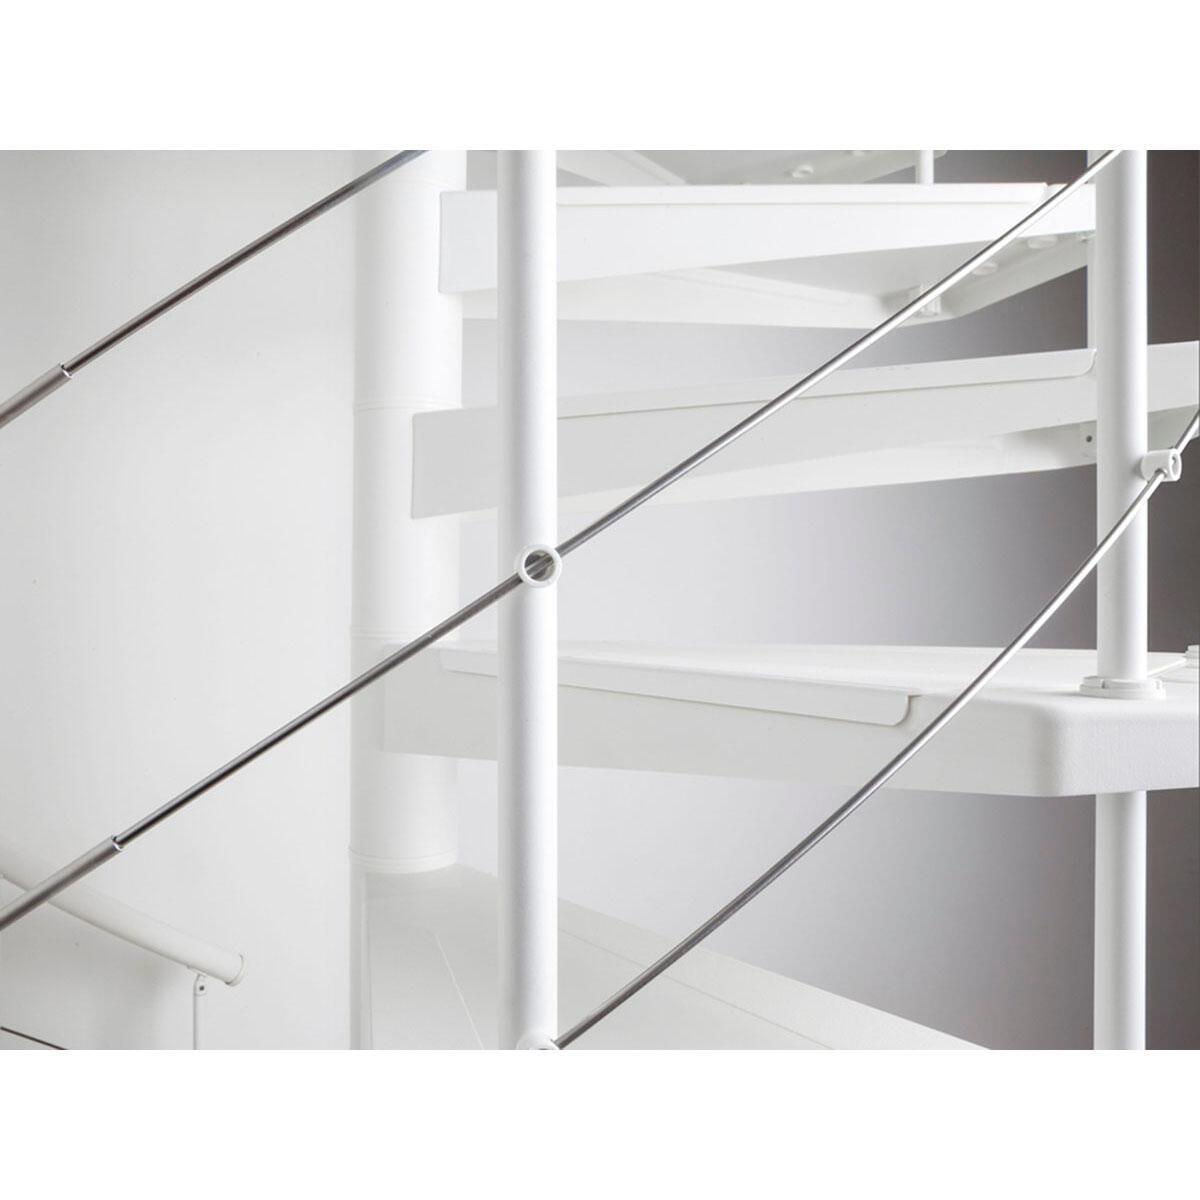 Scala a chiocciola tonda Gexi FONTANOT L 120 cm, gradino bianco, struttura bianco - 11